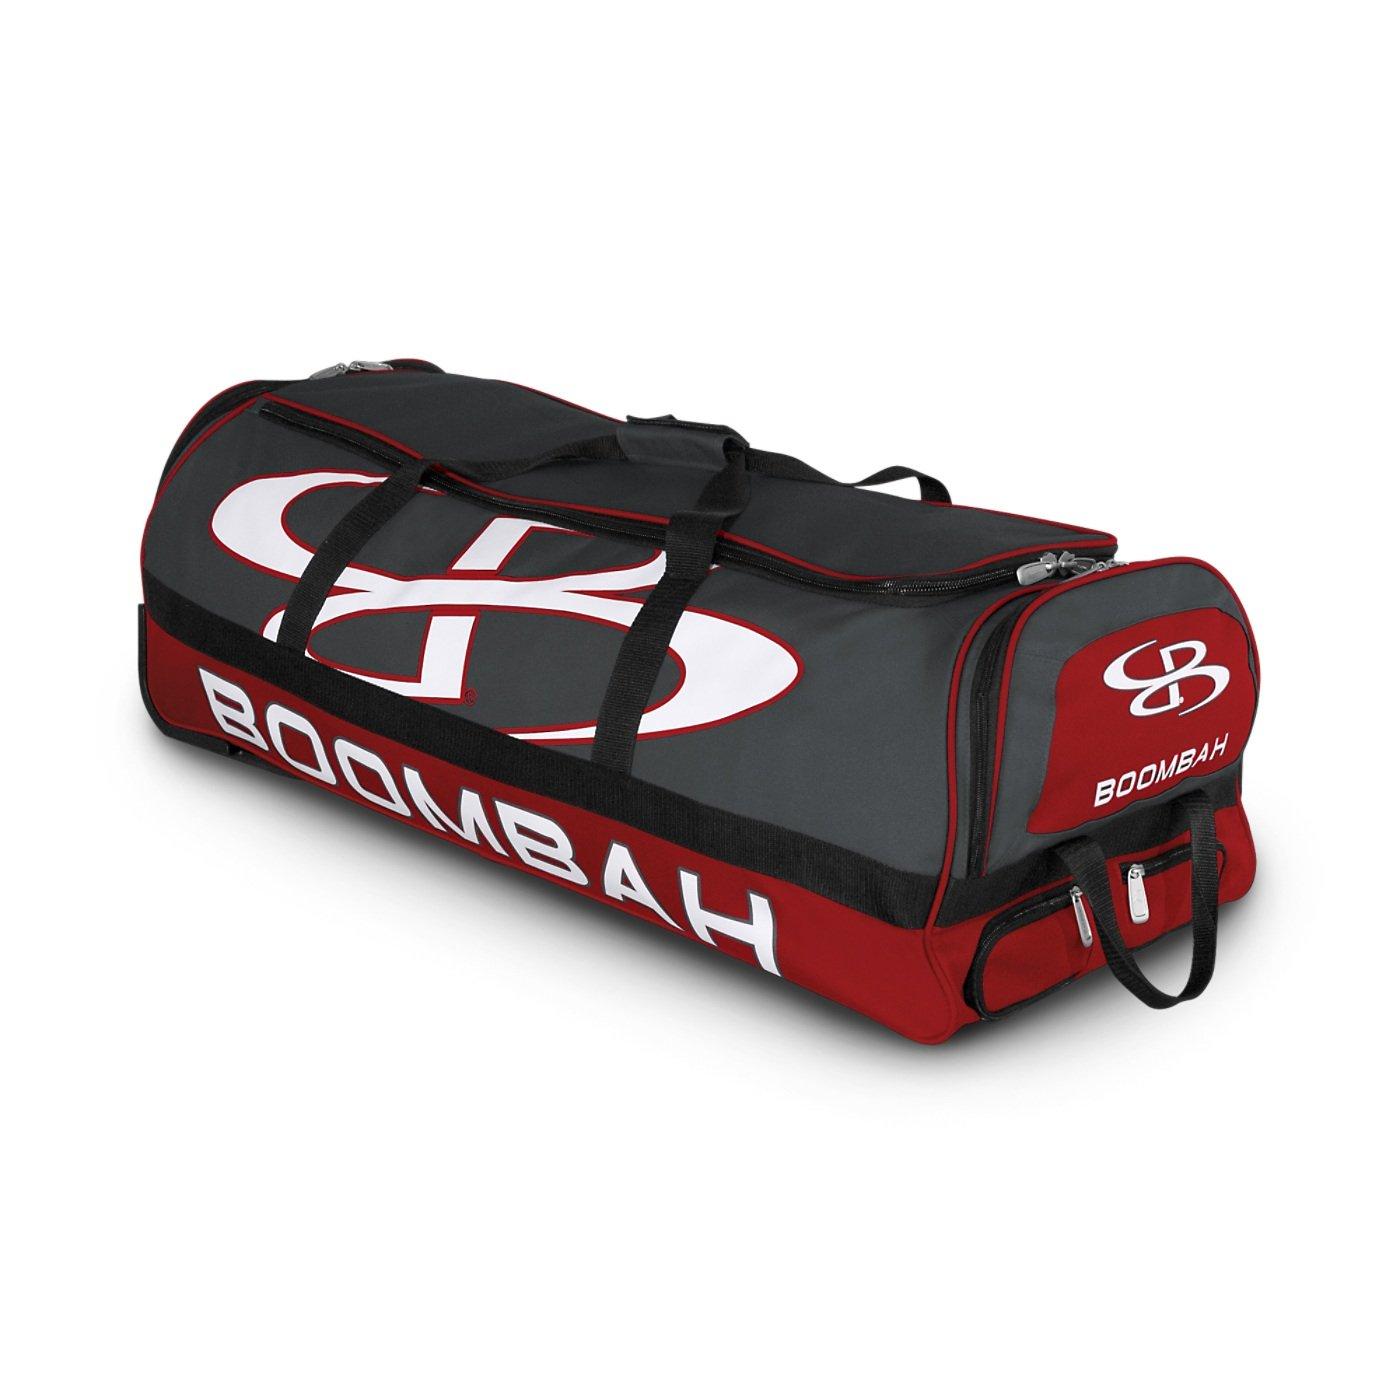 (ブームバー) Boombah Bruteシリーズ キャスター付きバットケース 野球ソフトボール用 35×15×12–1/2インチ 49色展開 4本のバットと用具を収納可能 B01MTU9YYCDark Charcoal/Red